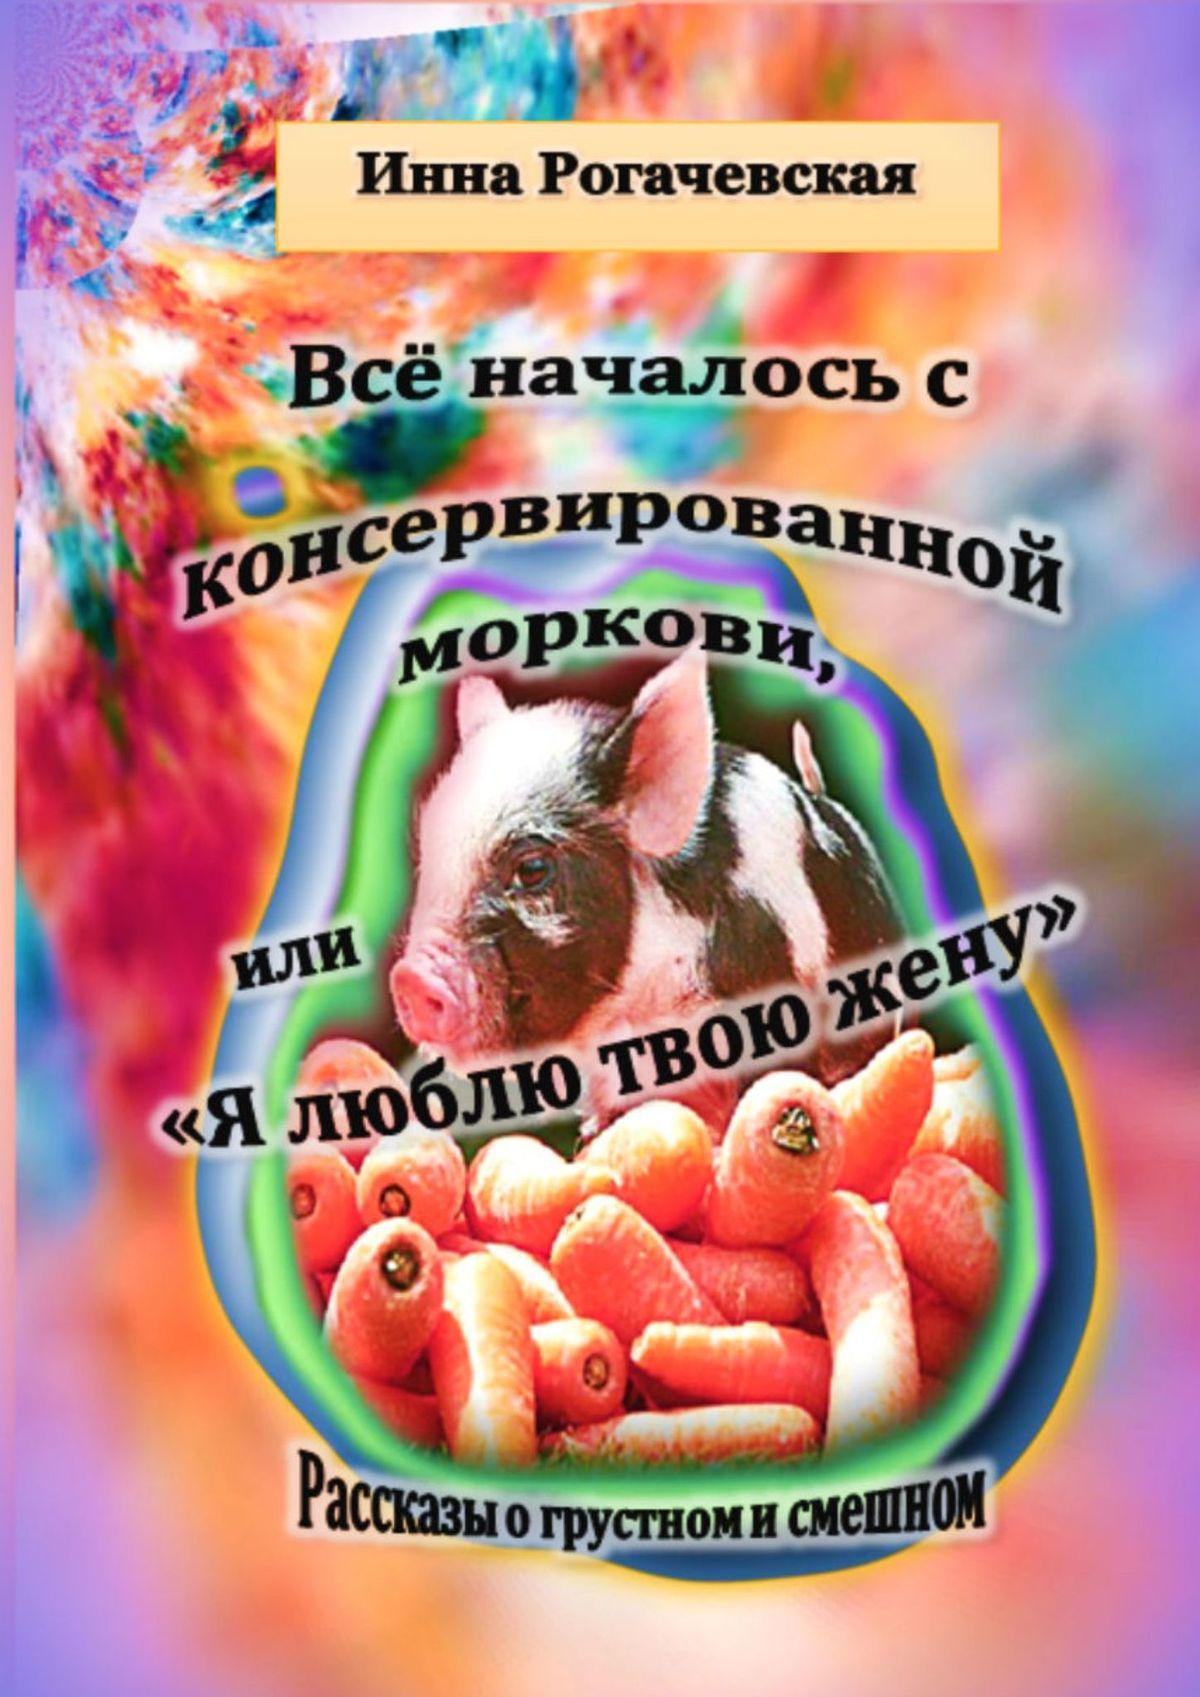 Инна Рогачевская Все началось с консервированной моркови, или Я люблю твою жену. Рассказы о грустном и смешном блажь